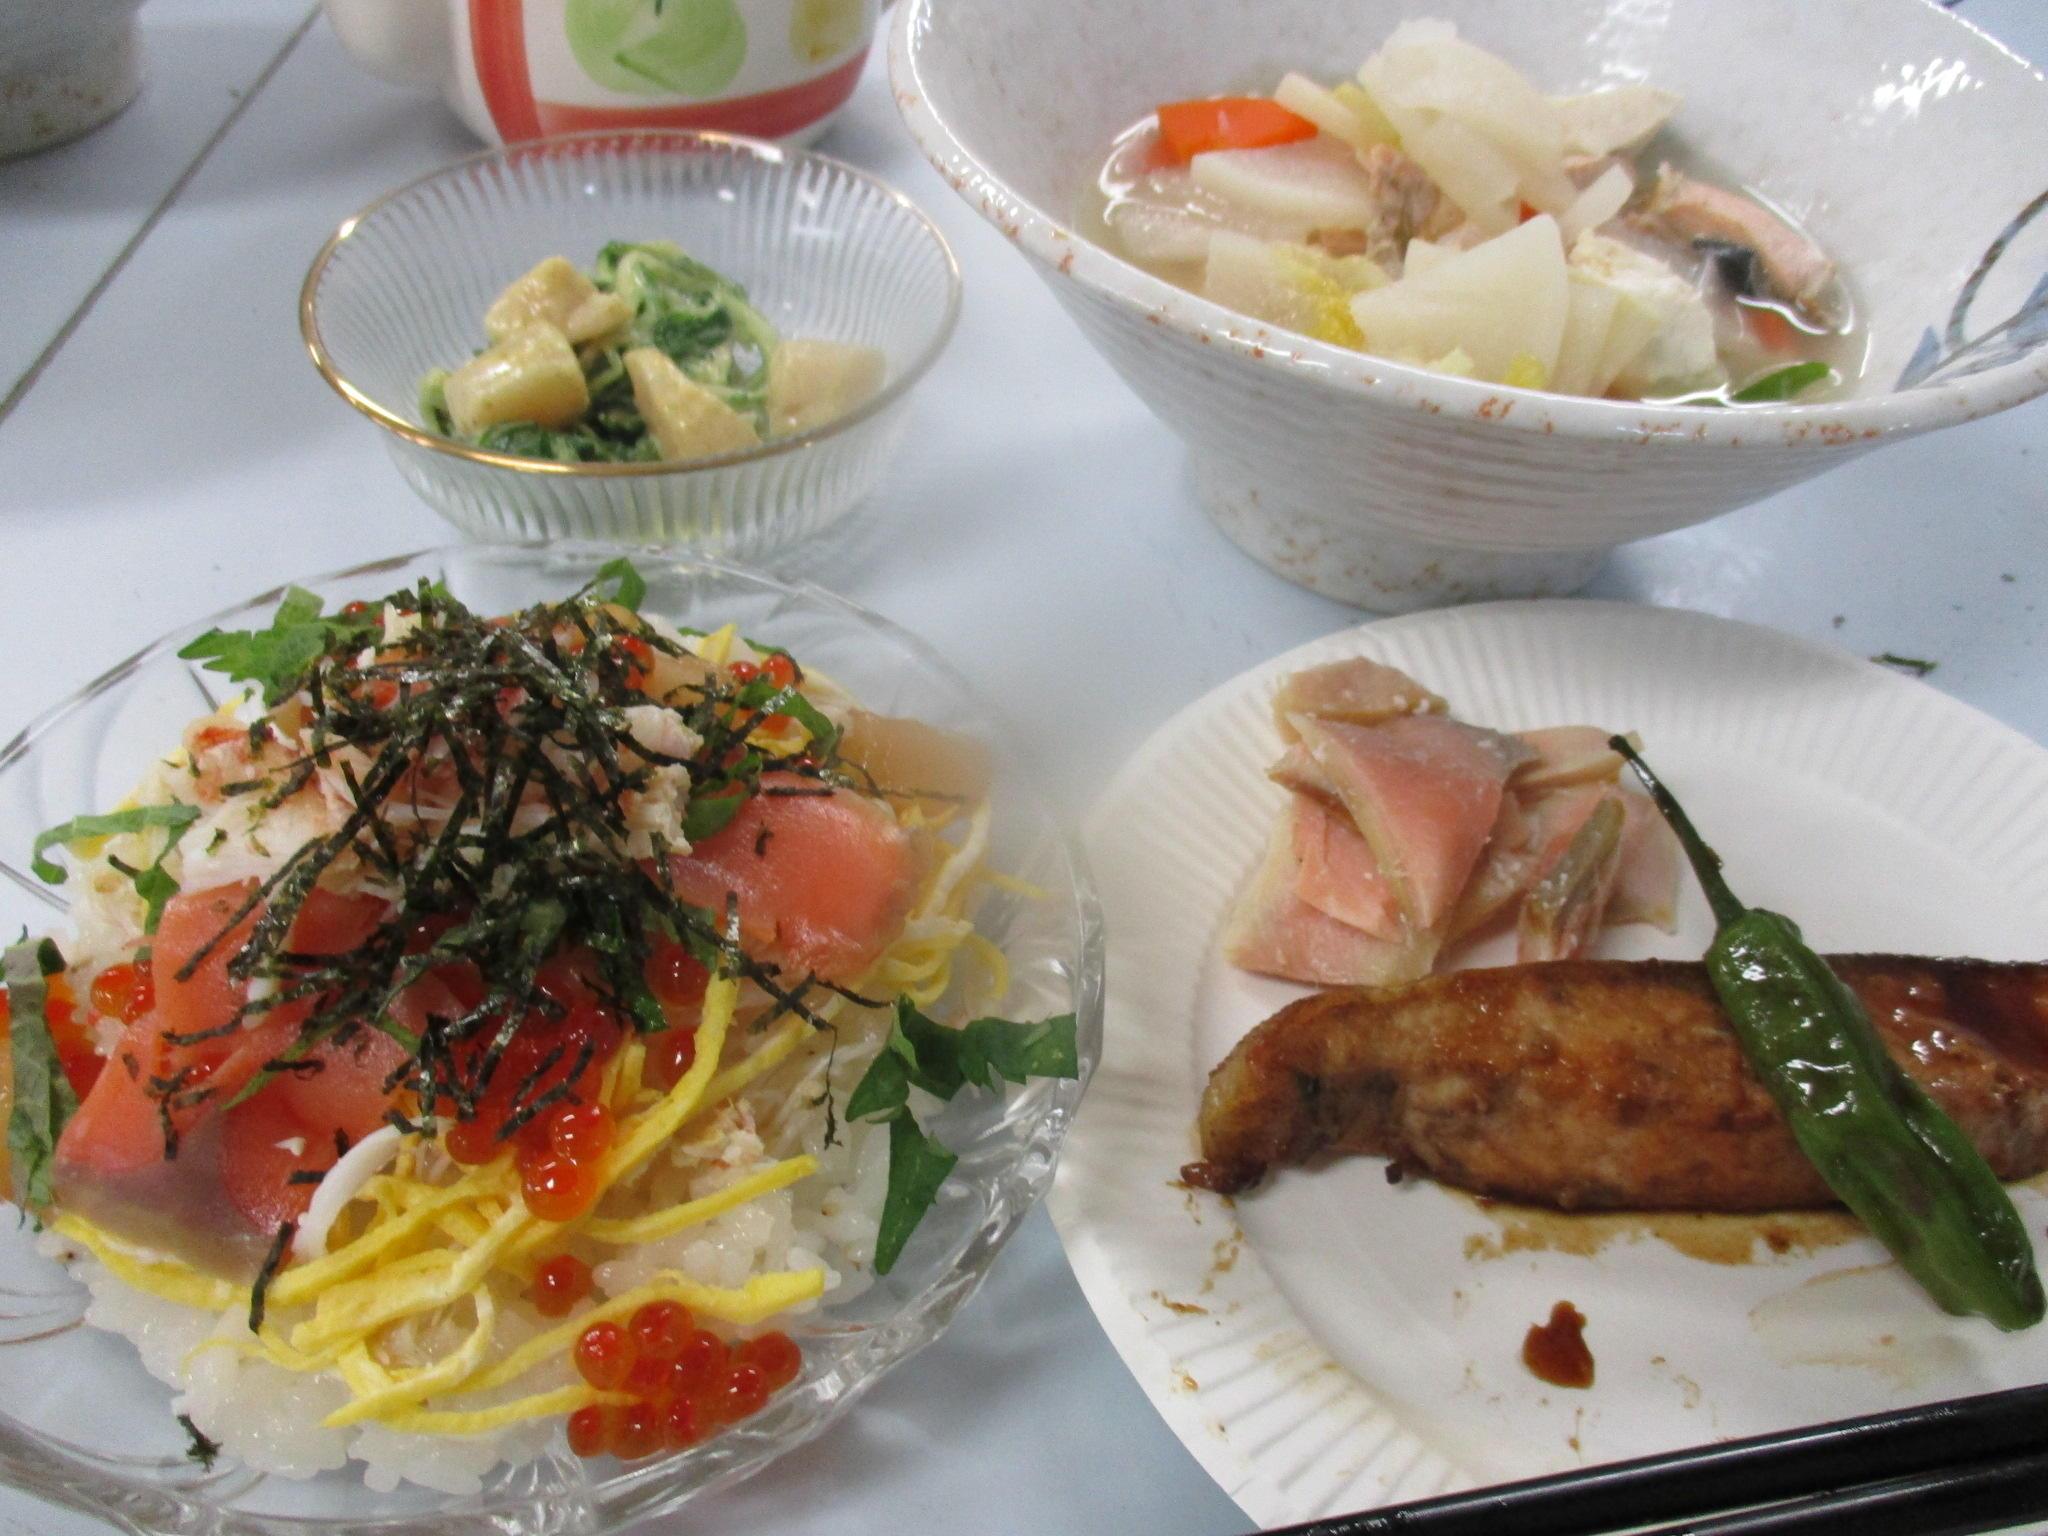 「バラちらし寿司」「秋鮭の三平汁」<br>「秋鮭のバター焼き」「ホタテカレー風味」